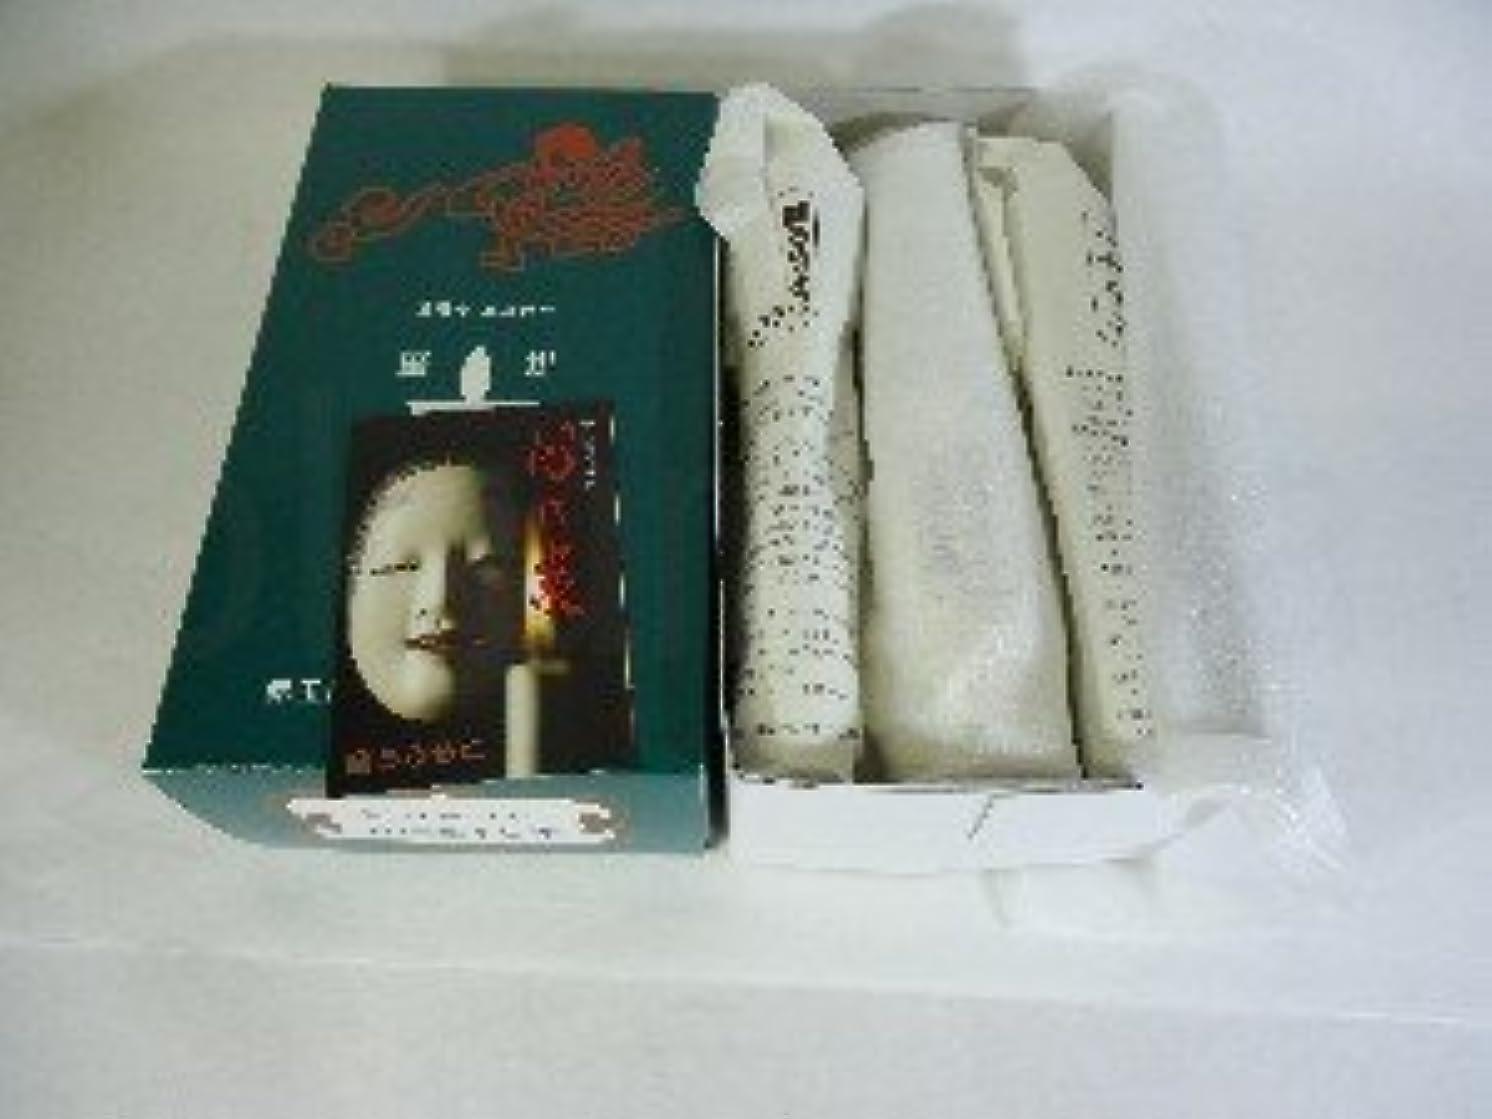 悪い飾り羽所属和ろうそく 型和蝋燭 ローソク イカリ 20号 白 6本入り 約17センチ 約3時間30分燃焼